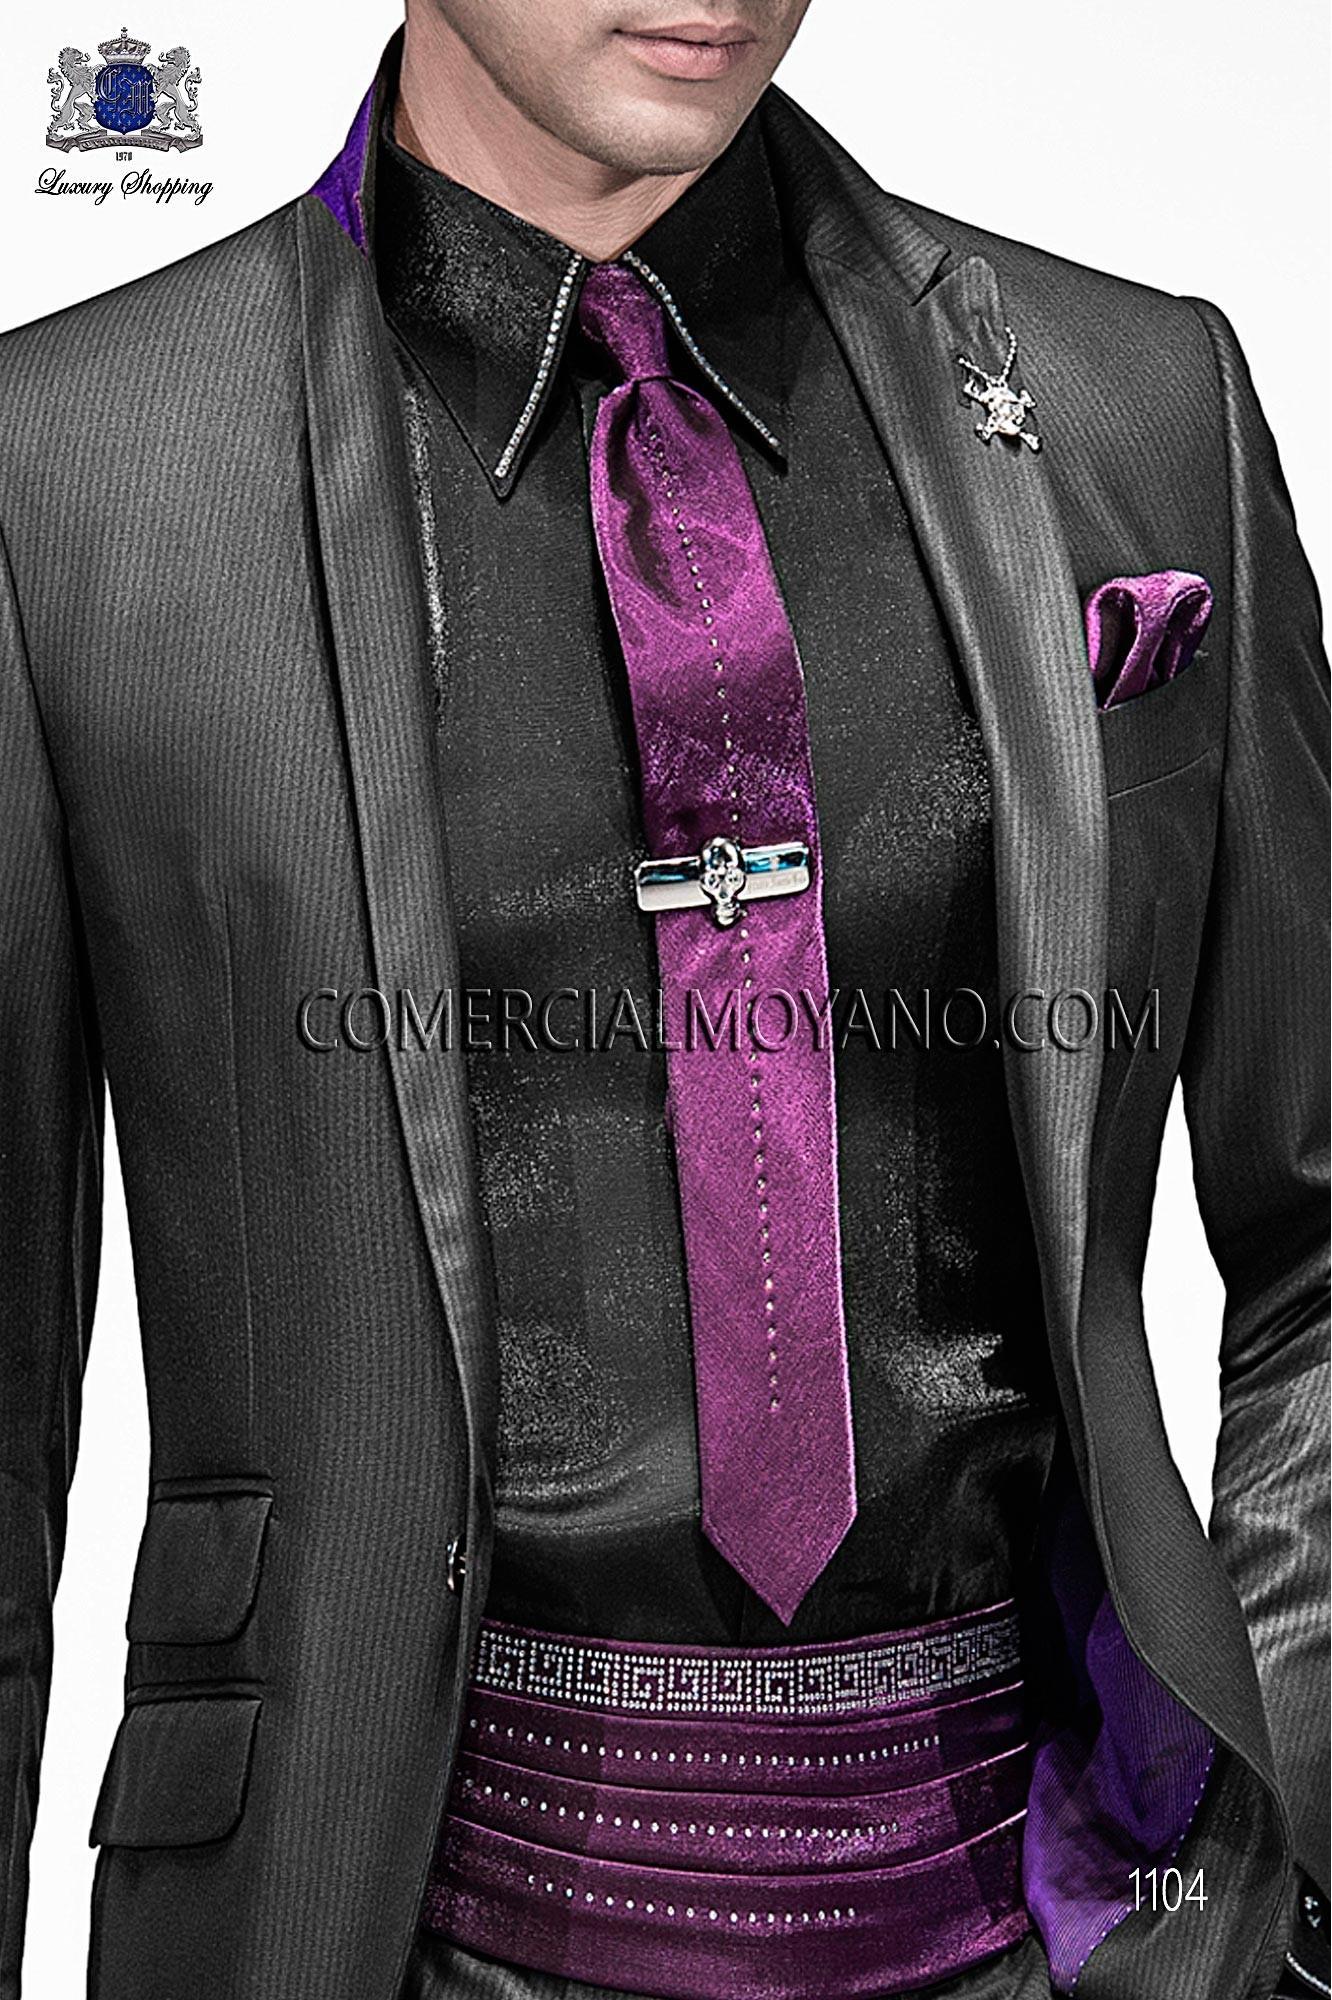 Traje Emotion de novio negro modelo: 1104 Ottavio Nuccio Gala colección Emotion